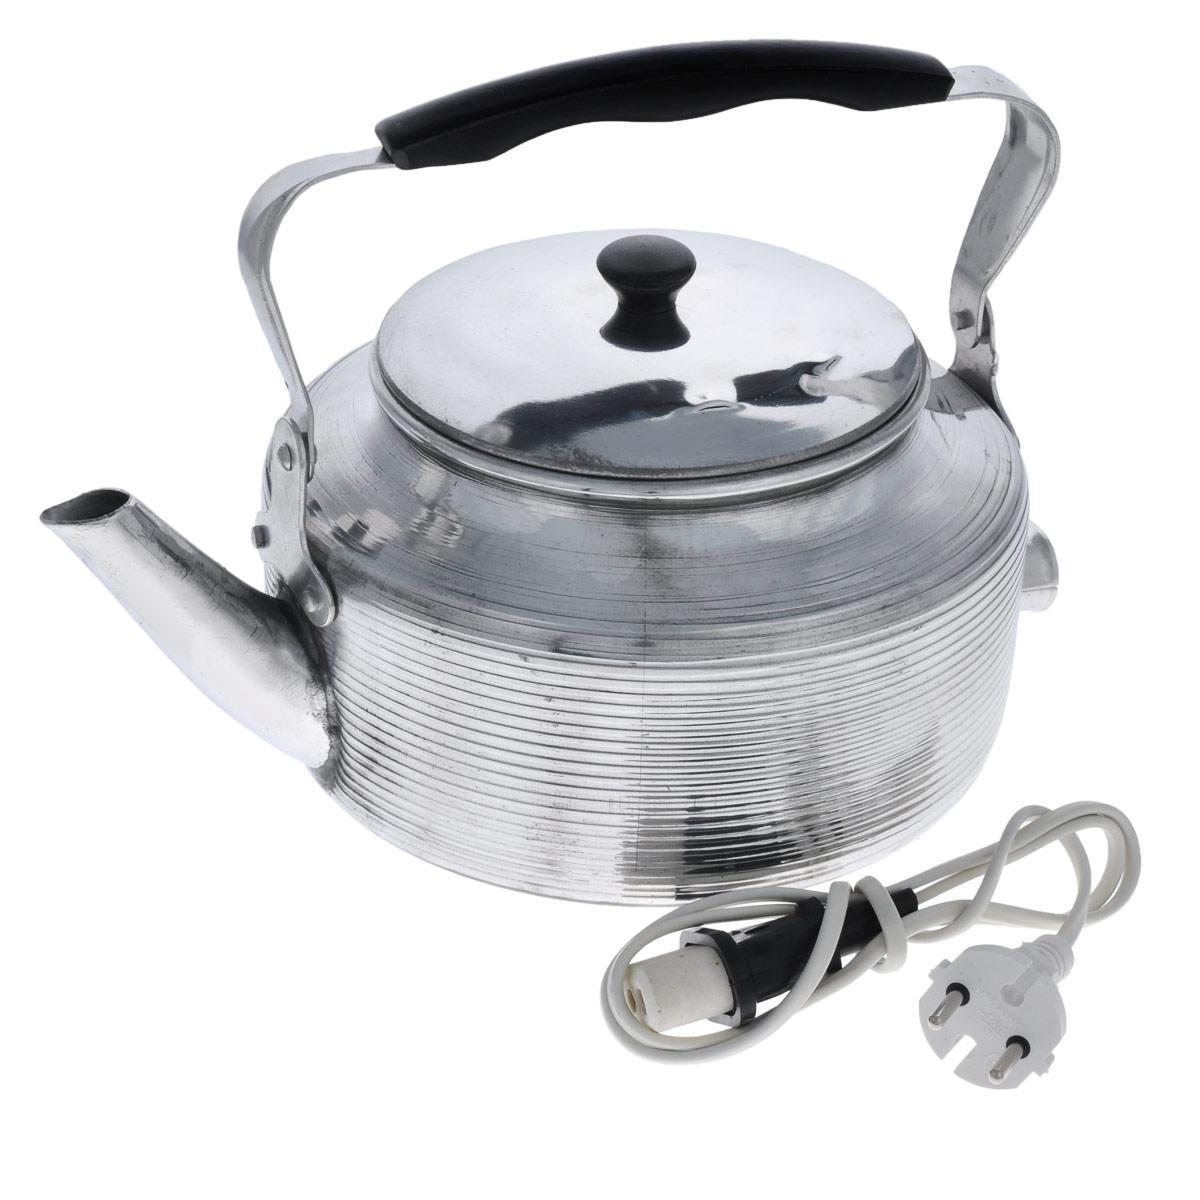 Эрг-AL Москва (ЭЧ-3) электрический чайникЧЭ 3 МоскваЭлектрический чайник Эрг-AL ЭЧ-3 хороший выбор на каждый день. Он оснащен нагревательным элементом мощностью 1250 Вт, объем составляет 3 литра, а сам корпус электрочайника выполнен из алюминия, что придает ему не только привлекательности, но и прослужит вам не один год.